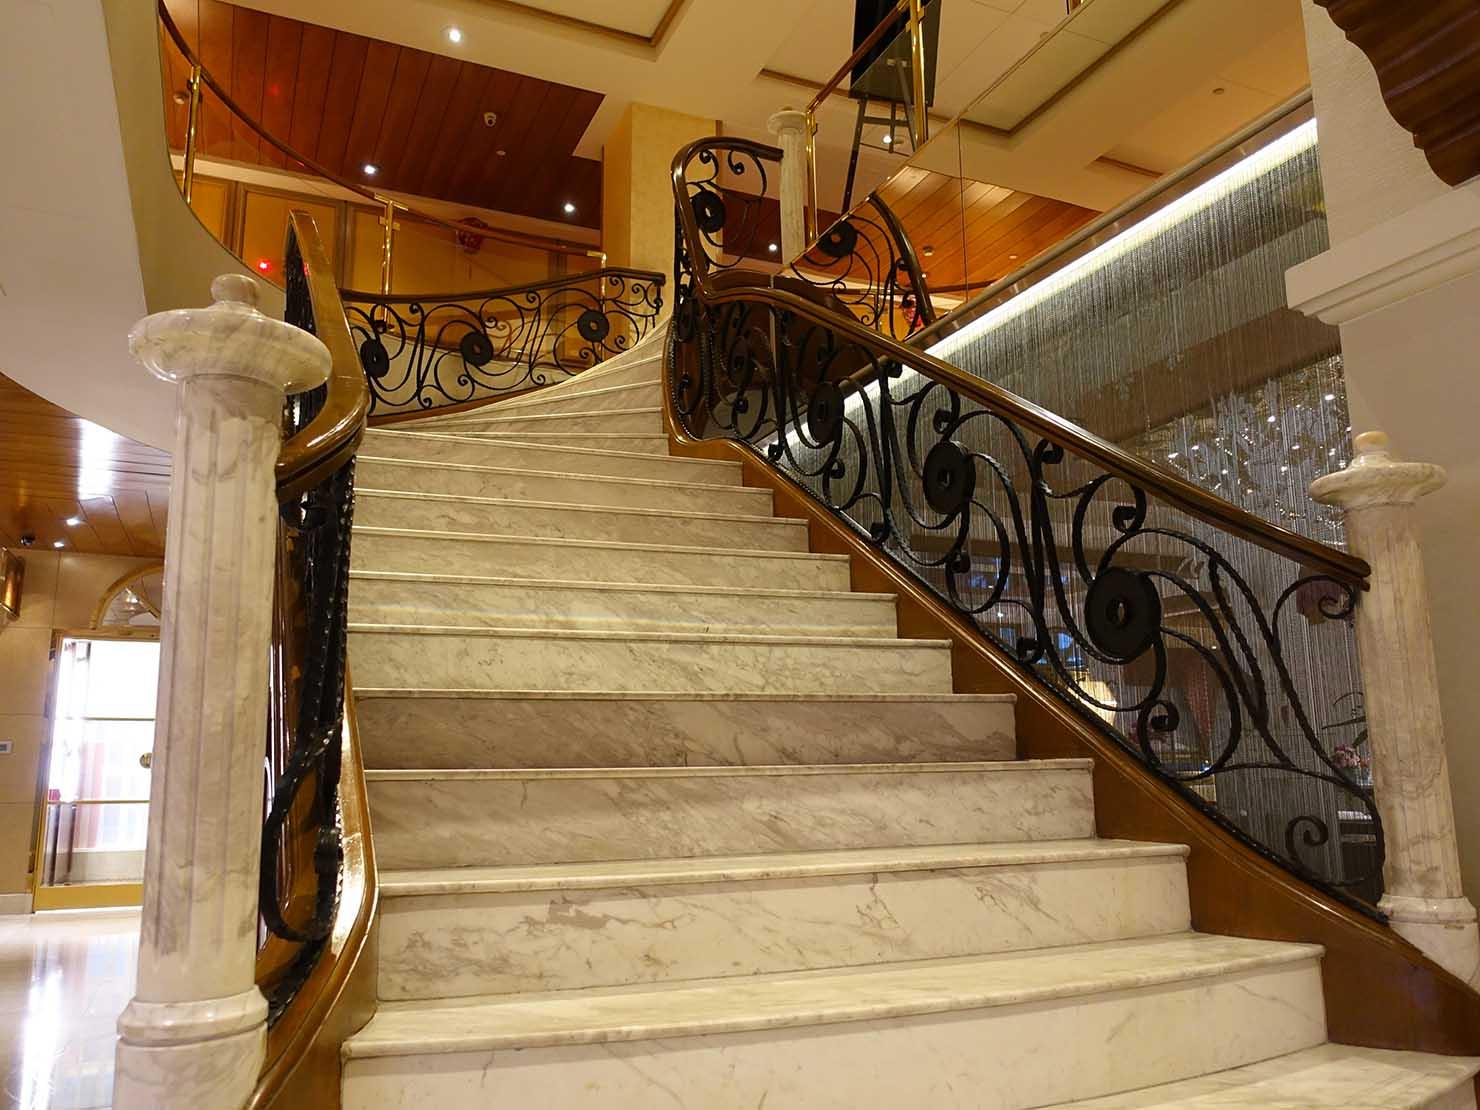 台北のおすすめ4つ星ホテル「歐華酒店(リビエラホテル)」ロビーの階段